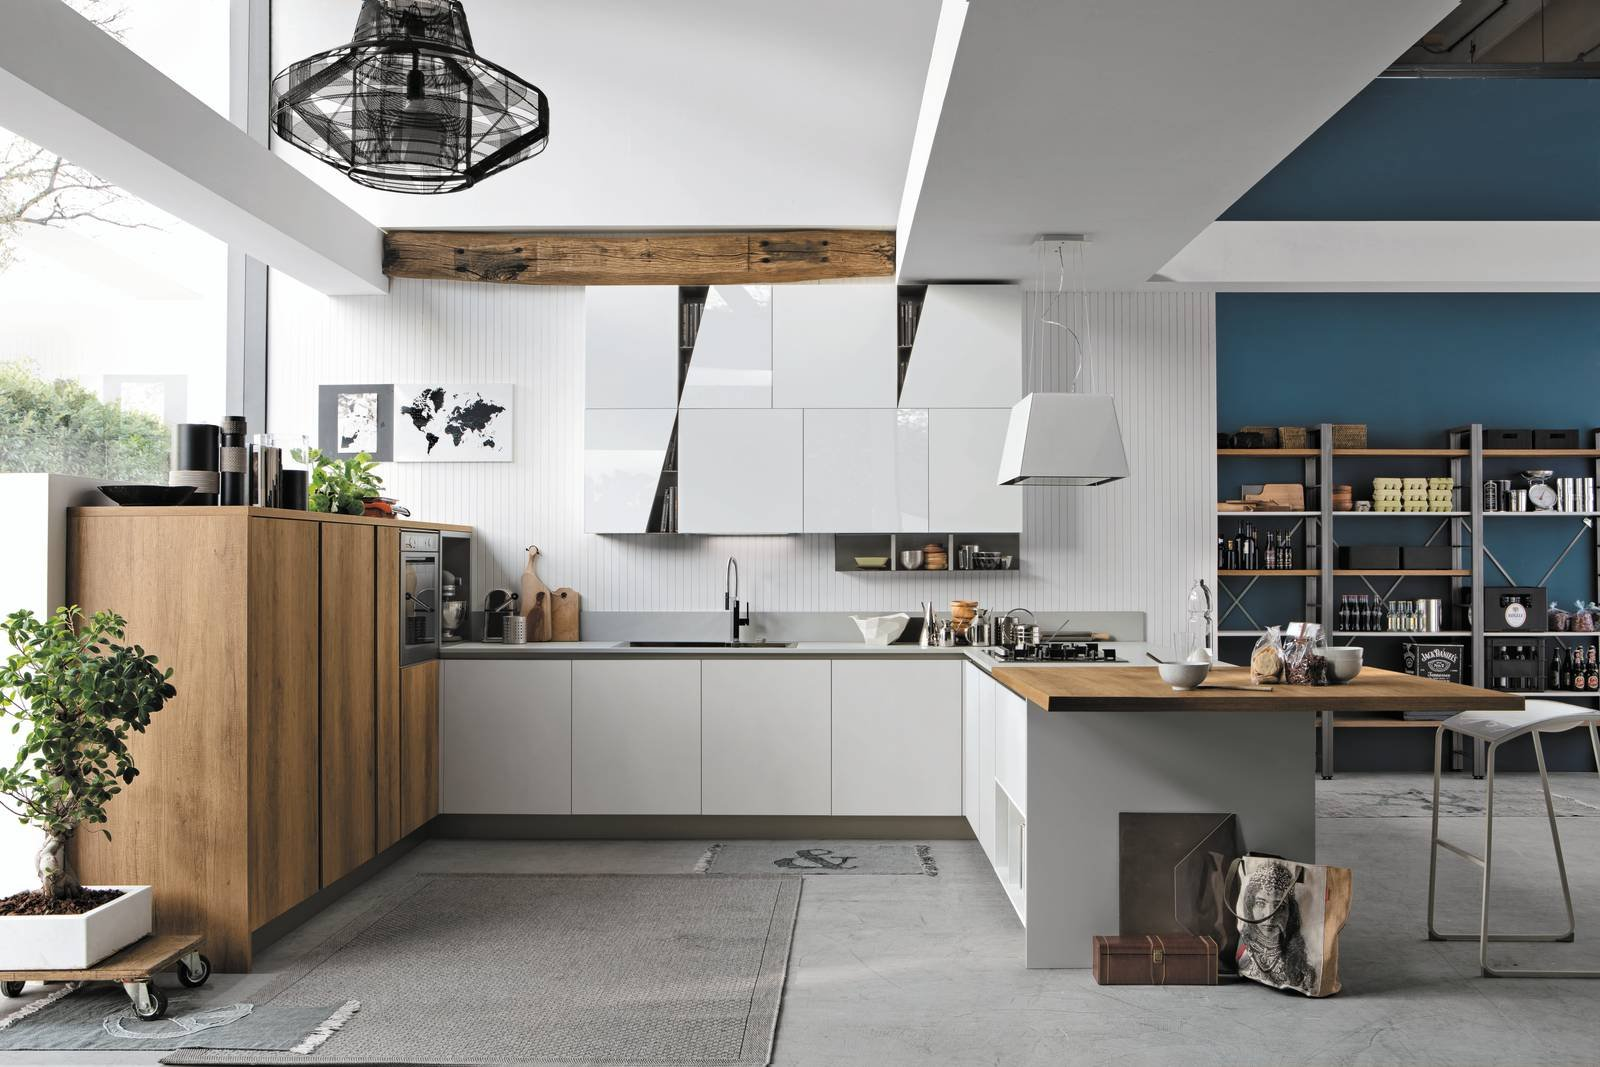 La cucina a u raccolta ergonomica funzionale cose di casa for Disegni di casa italiana moderna